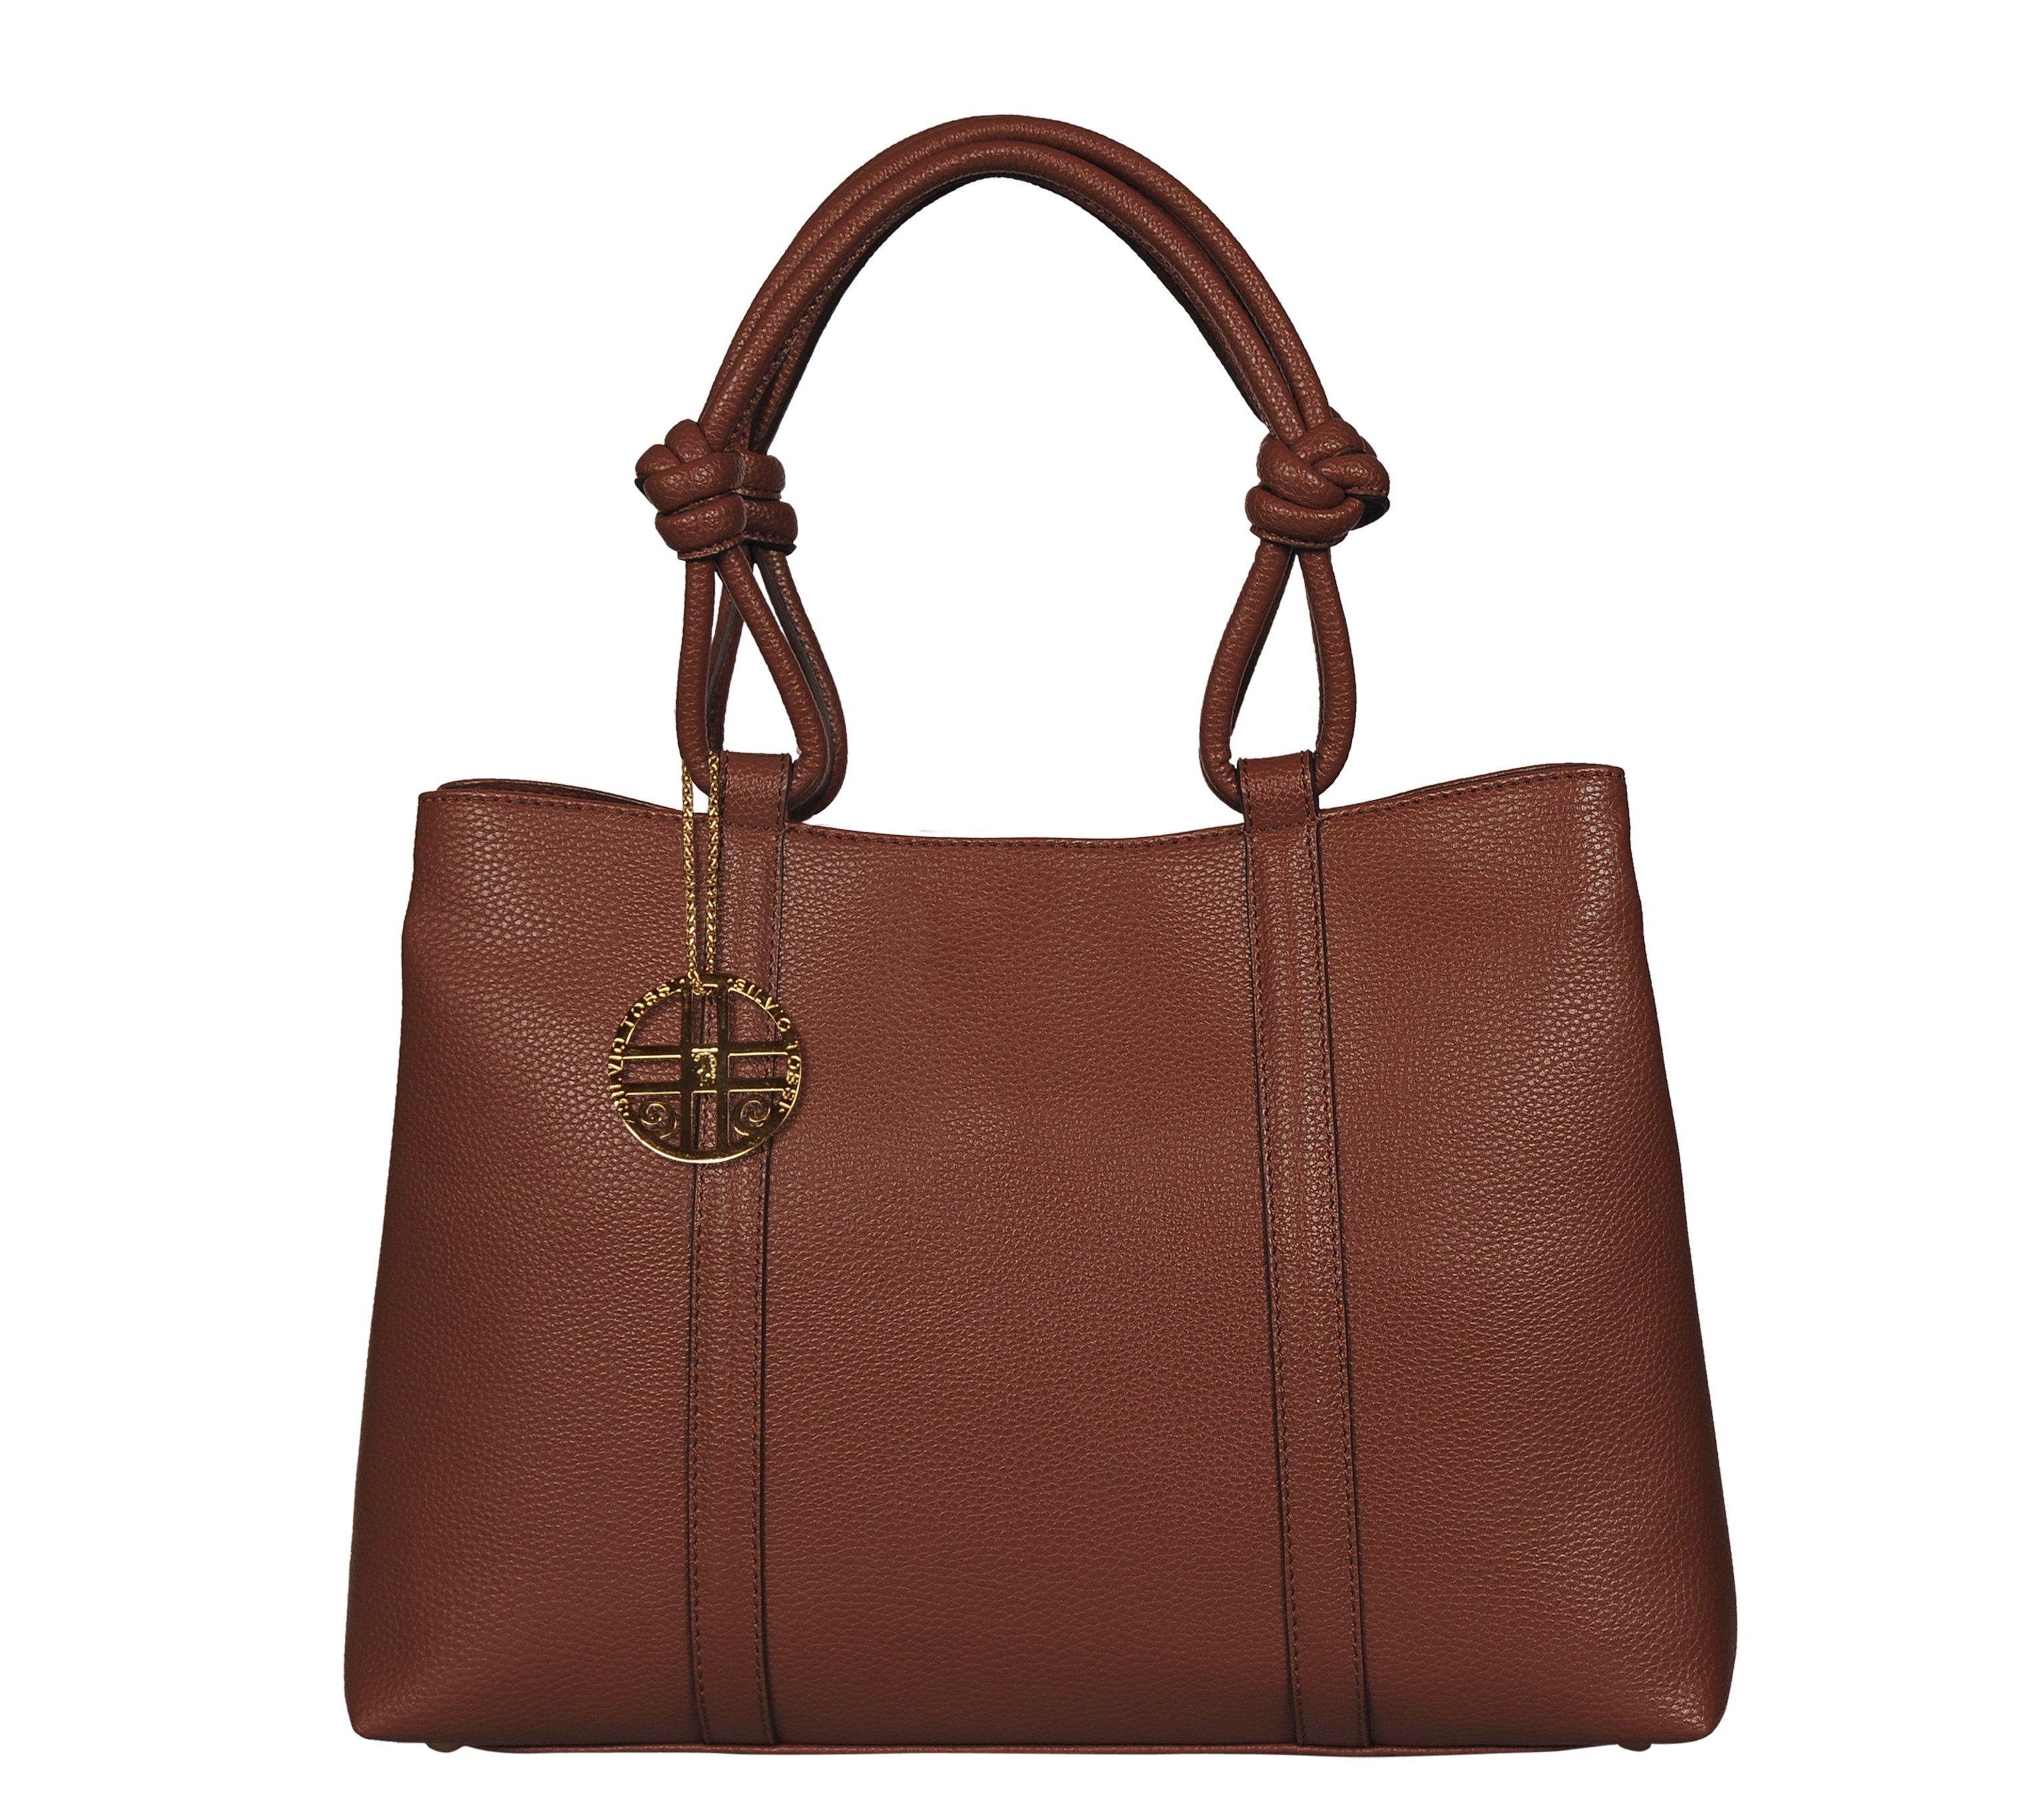 Silvio Tossi Handtasche in elegantem Design